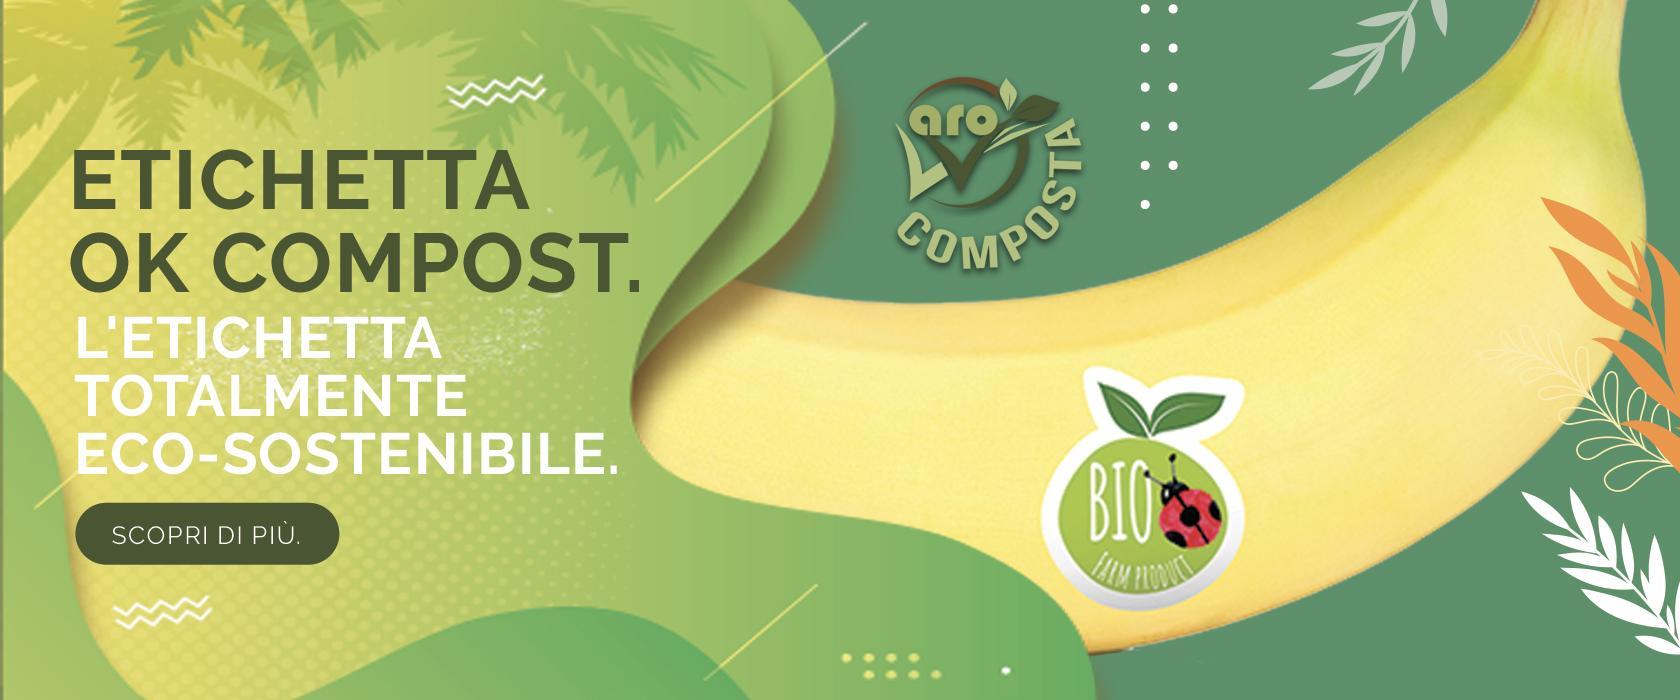 etichette compostabile compost eco sostenibile